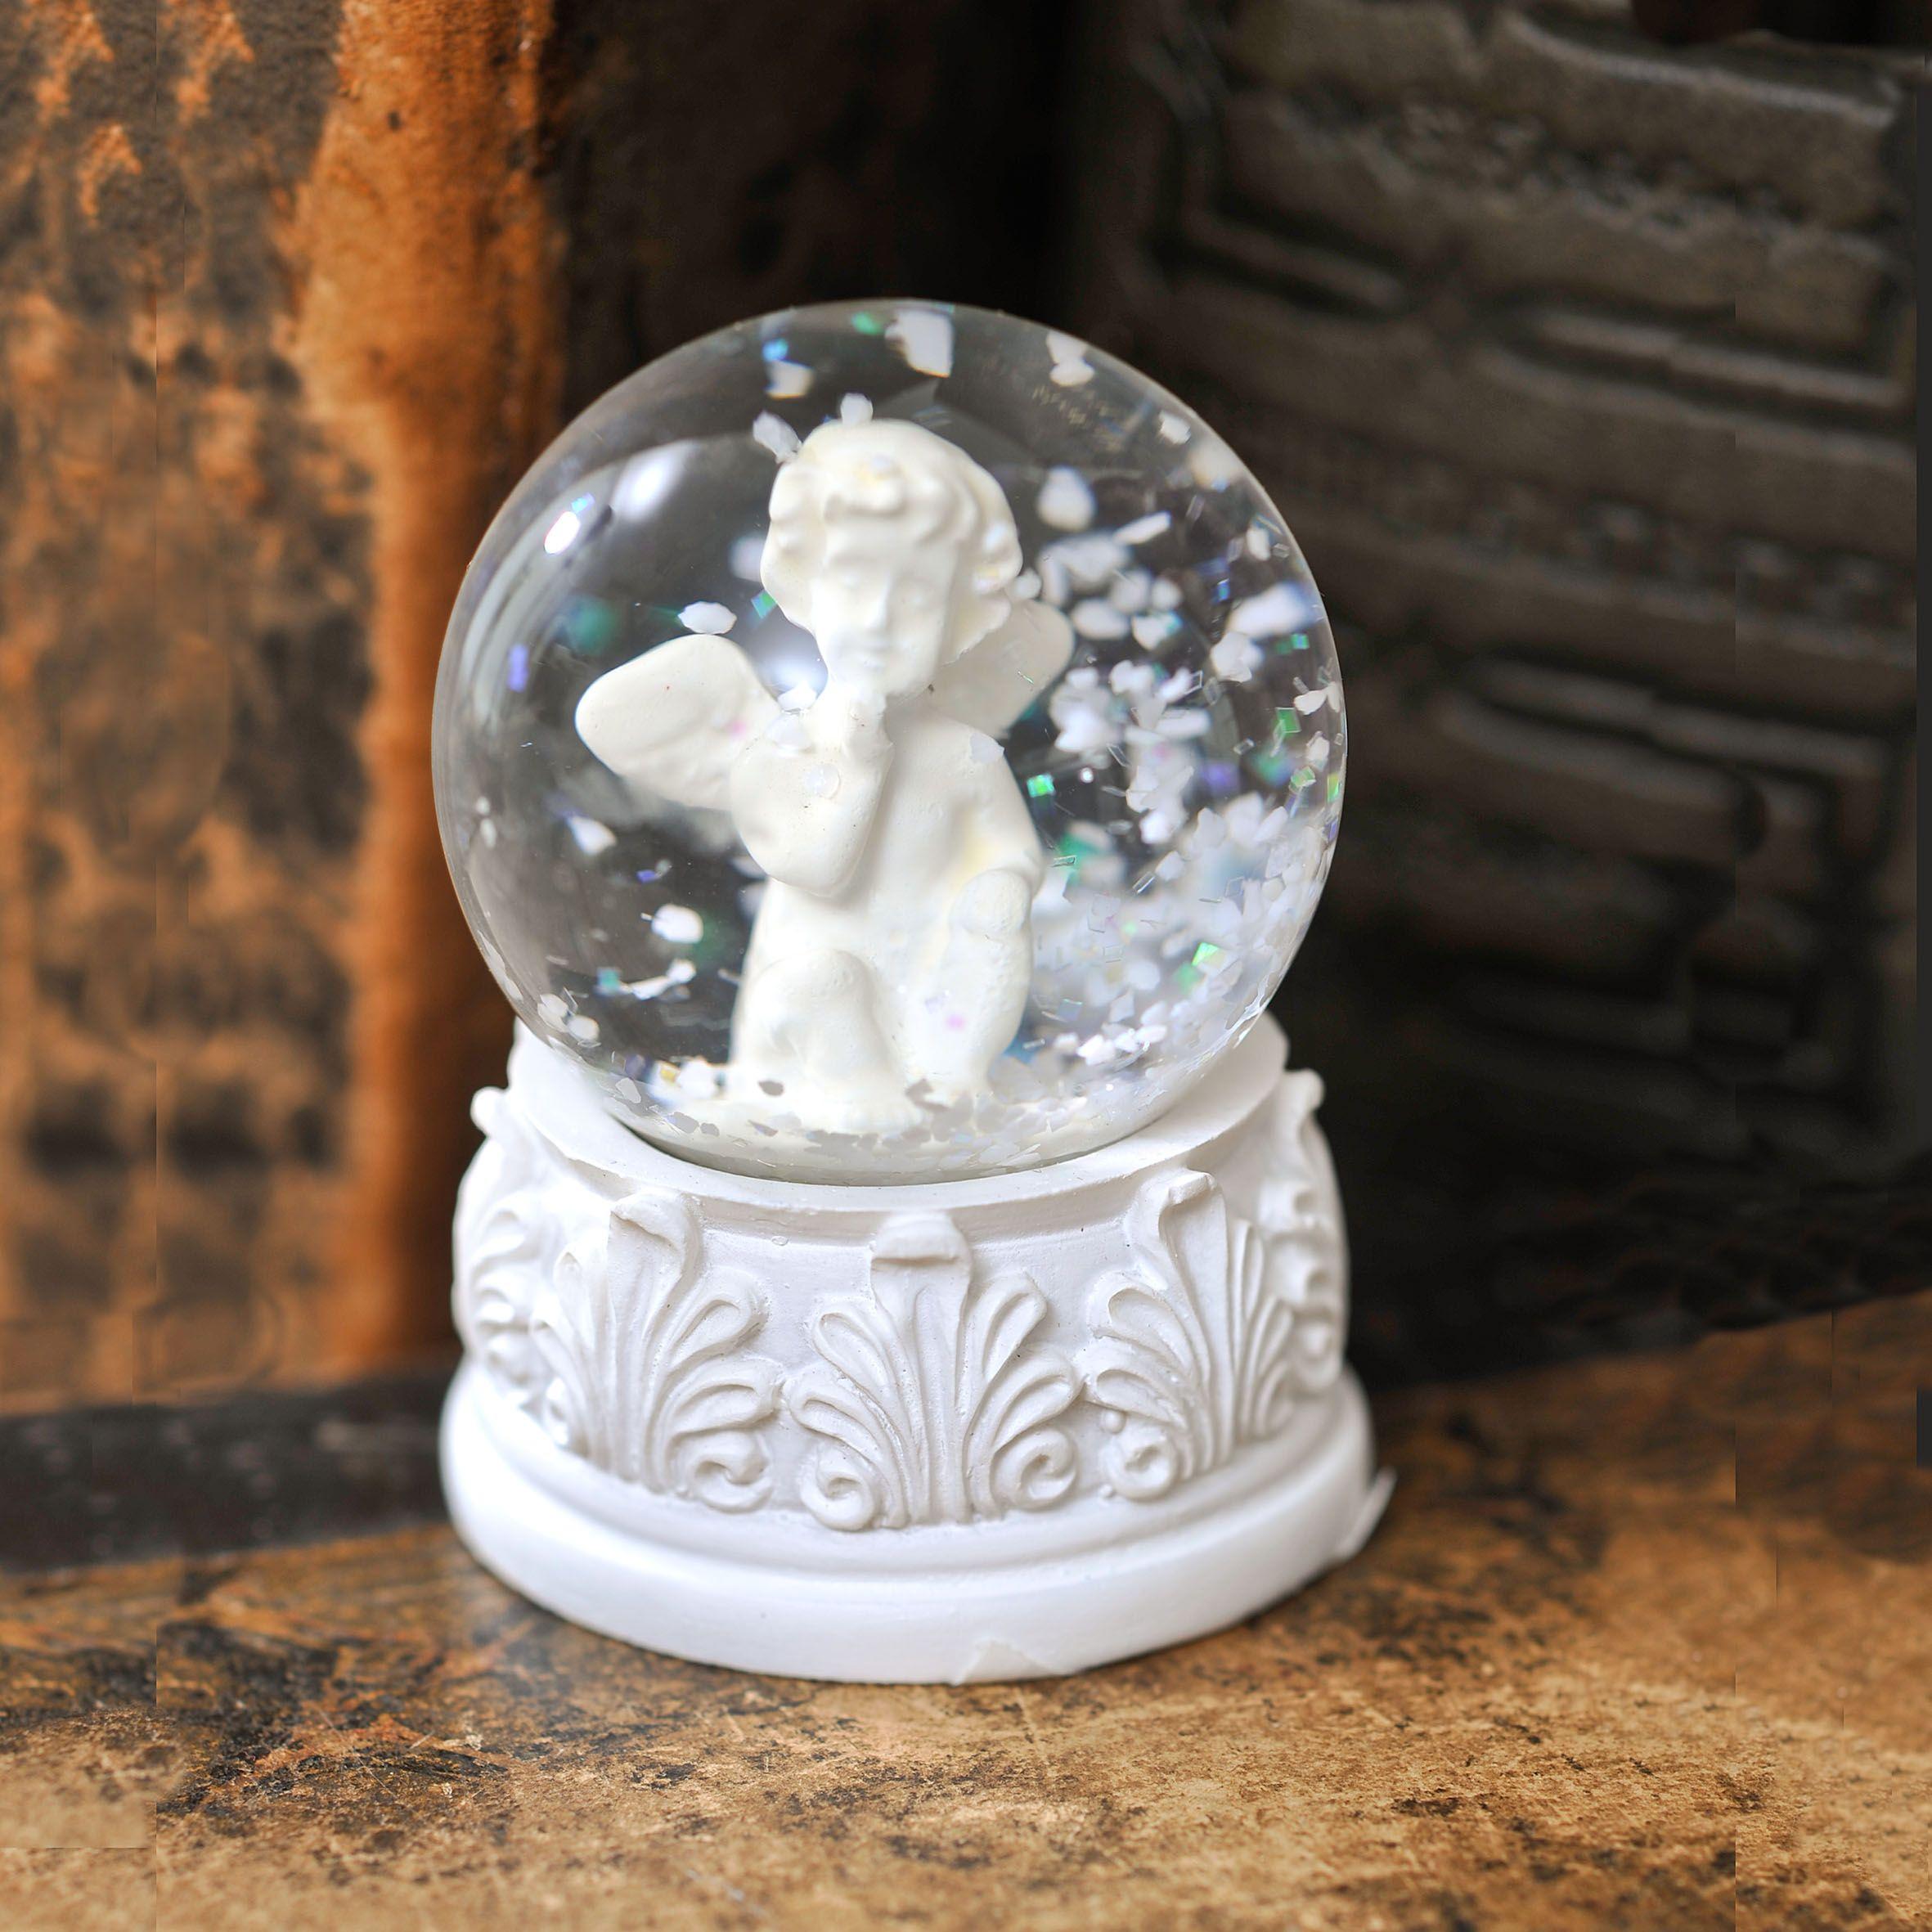 d coration ange et statuette ange craquez pour les boules neige ange pour cette fin d 39 ann e. Black Bedroom Furniture Sets. Home Design Ideas